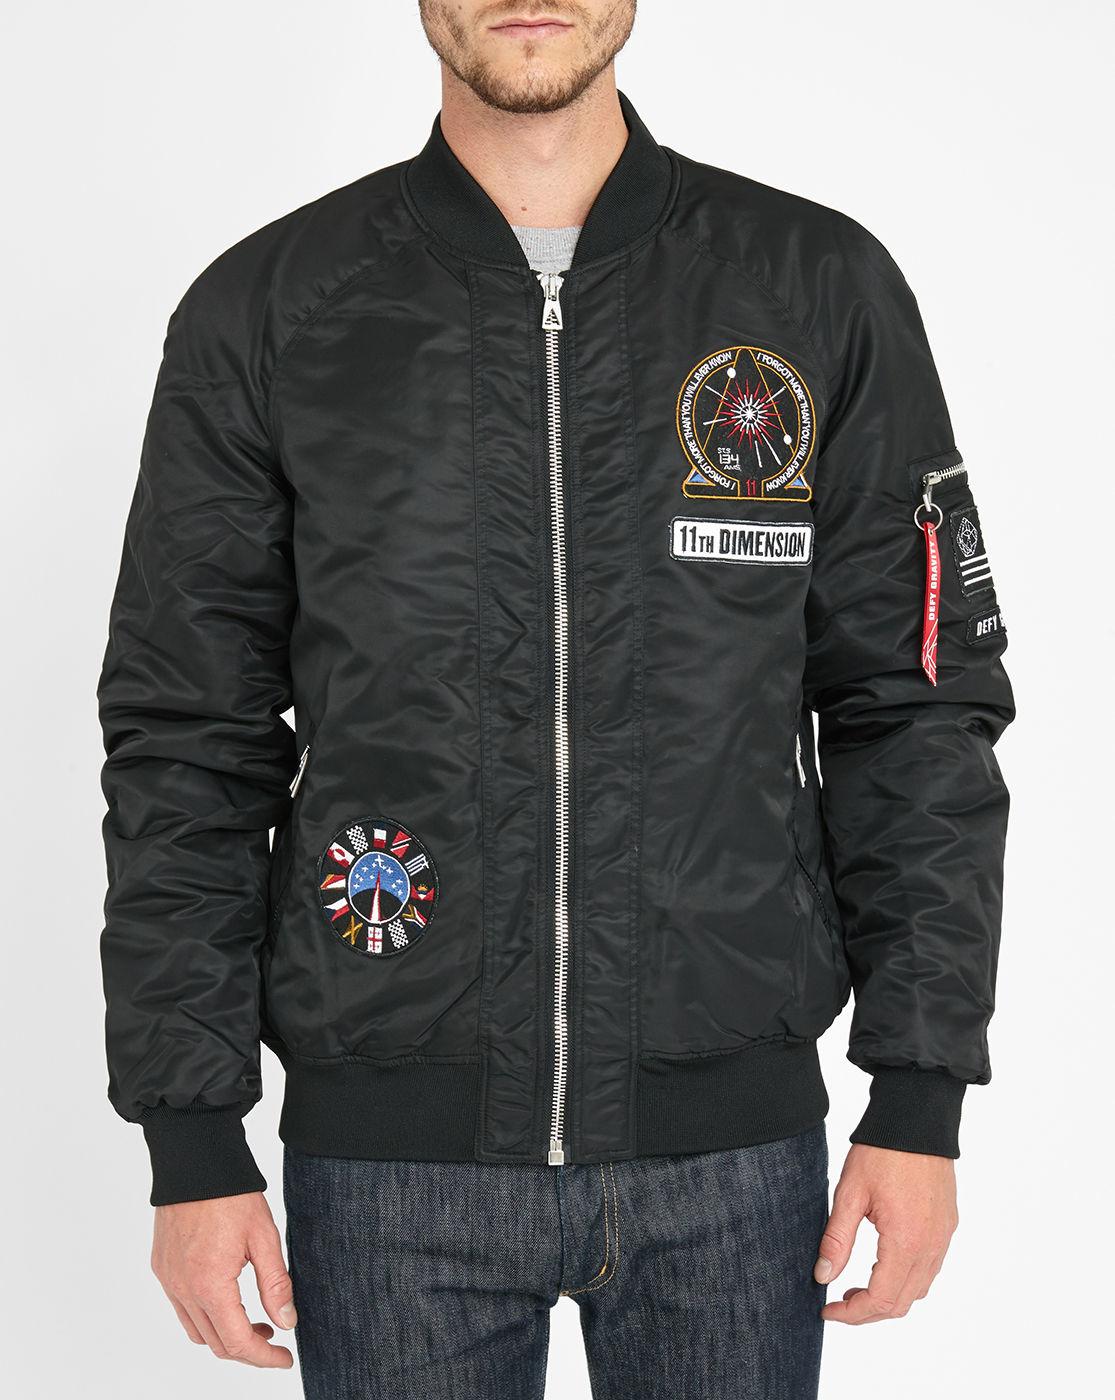 eleven paris patch detail satin bomber jacket in black for men lyst. Black Bedroom Furniture Sets. Home Design Ideas